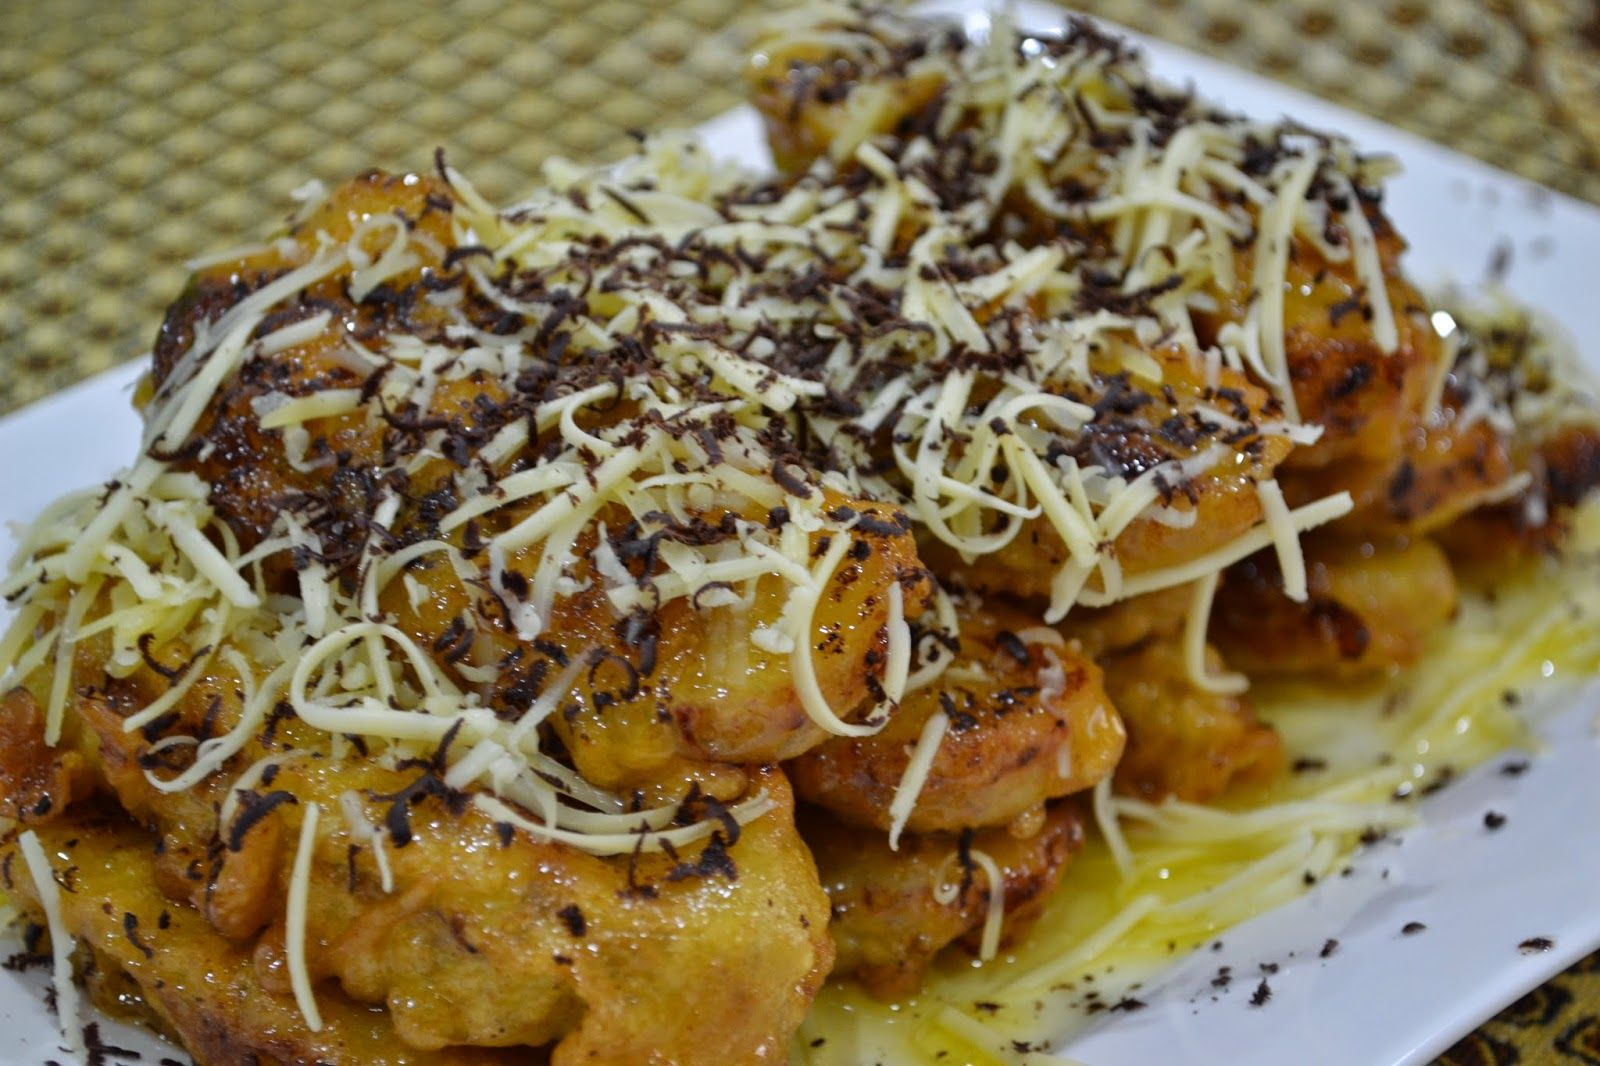 Resep Cara Membuat Pisang Coklat Keju Kriuk Masakan Masa Kini Makanan Dan Minuman Masakan Makanan Jalanan